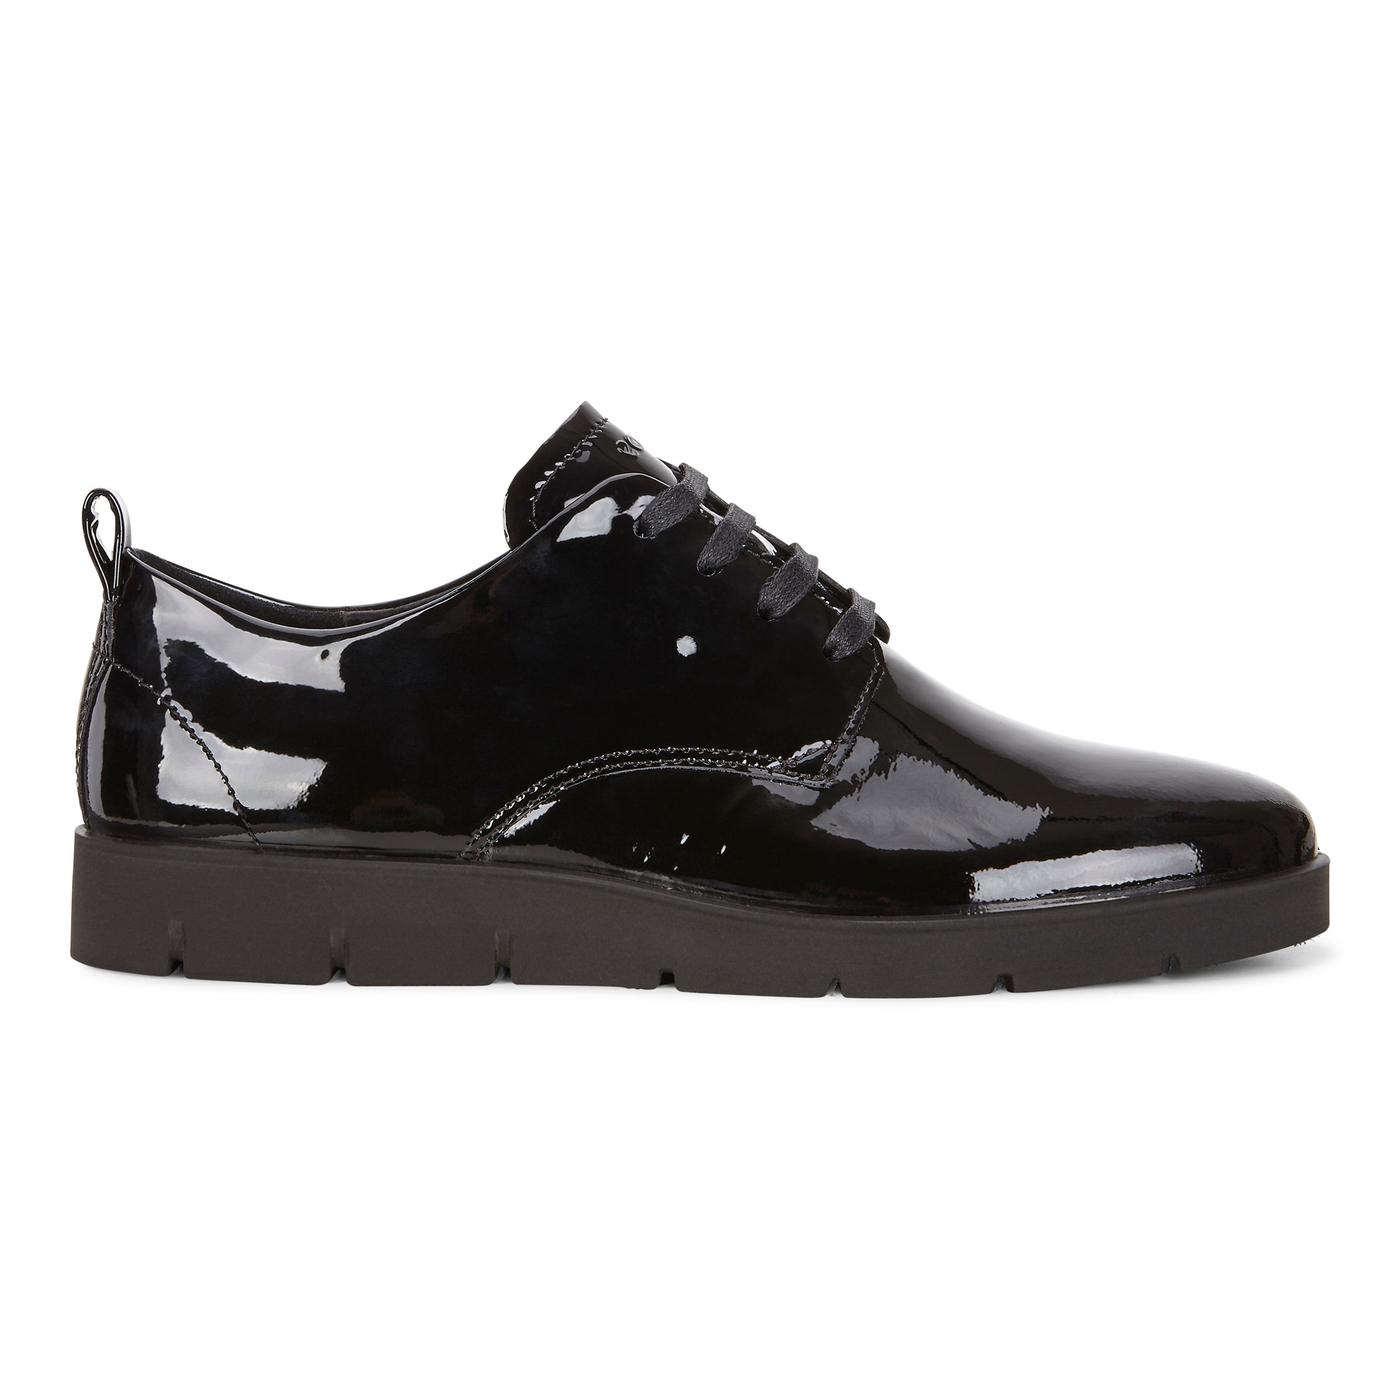 ECCO BELLA Shoe